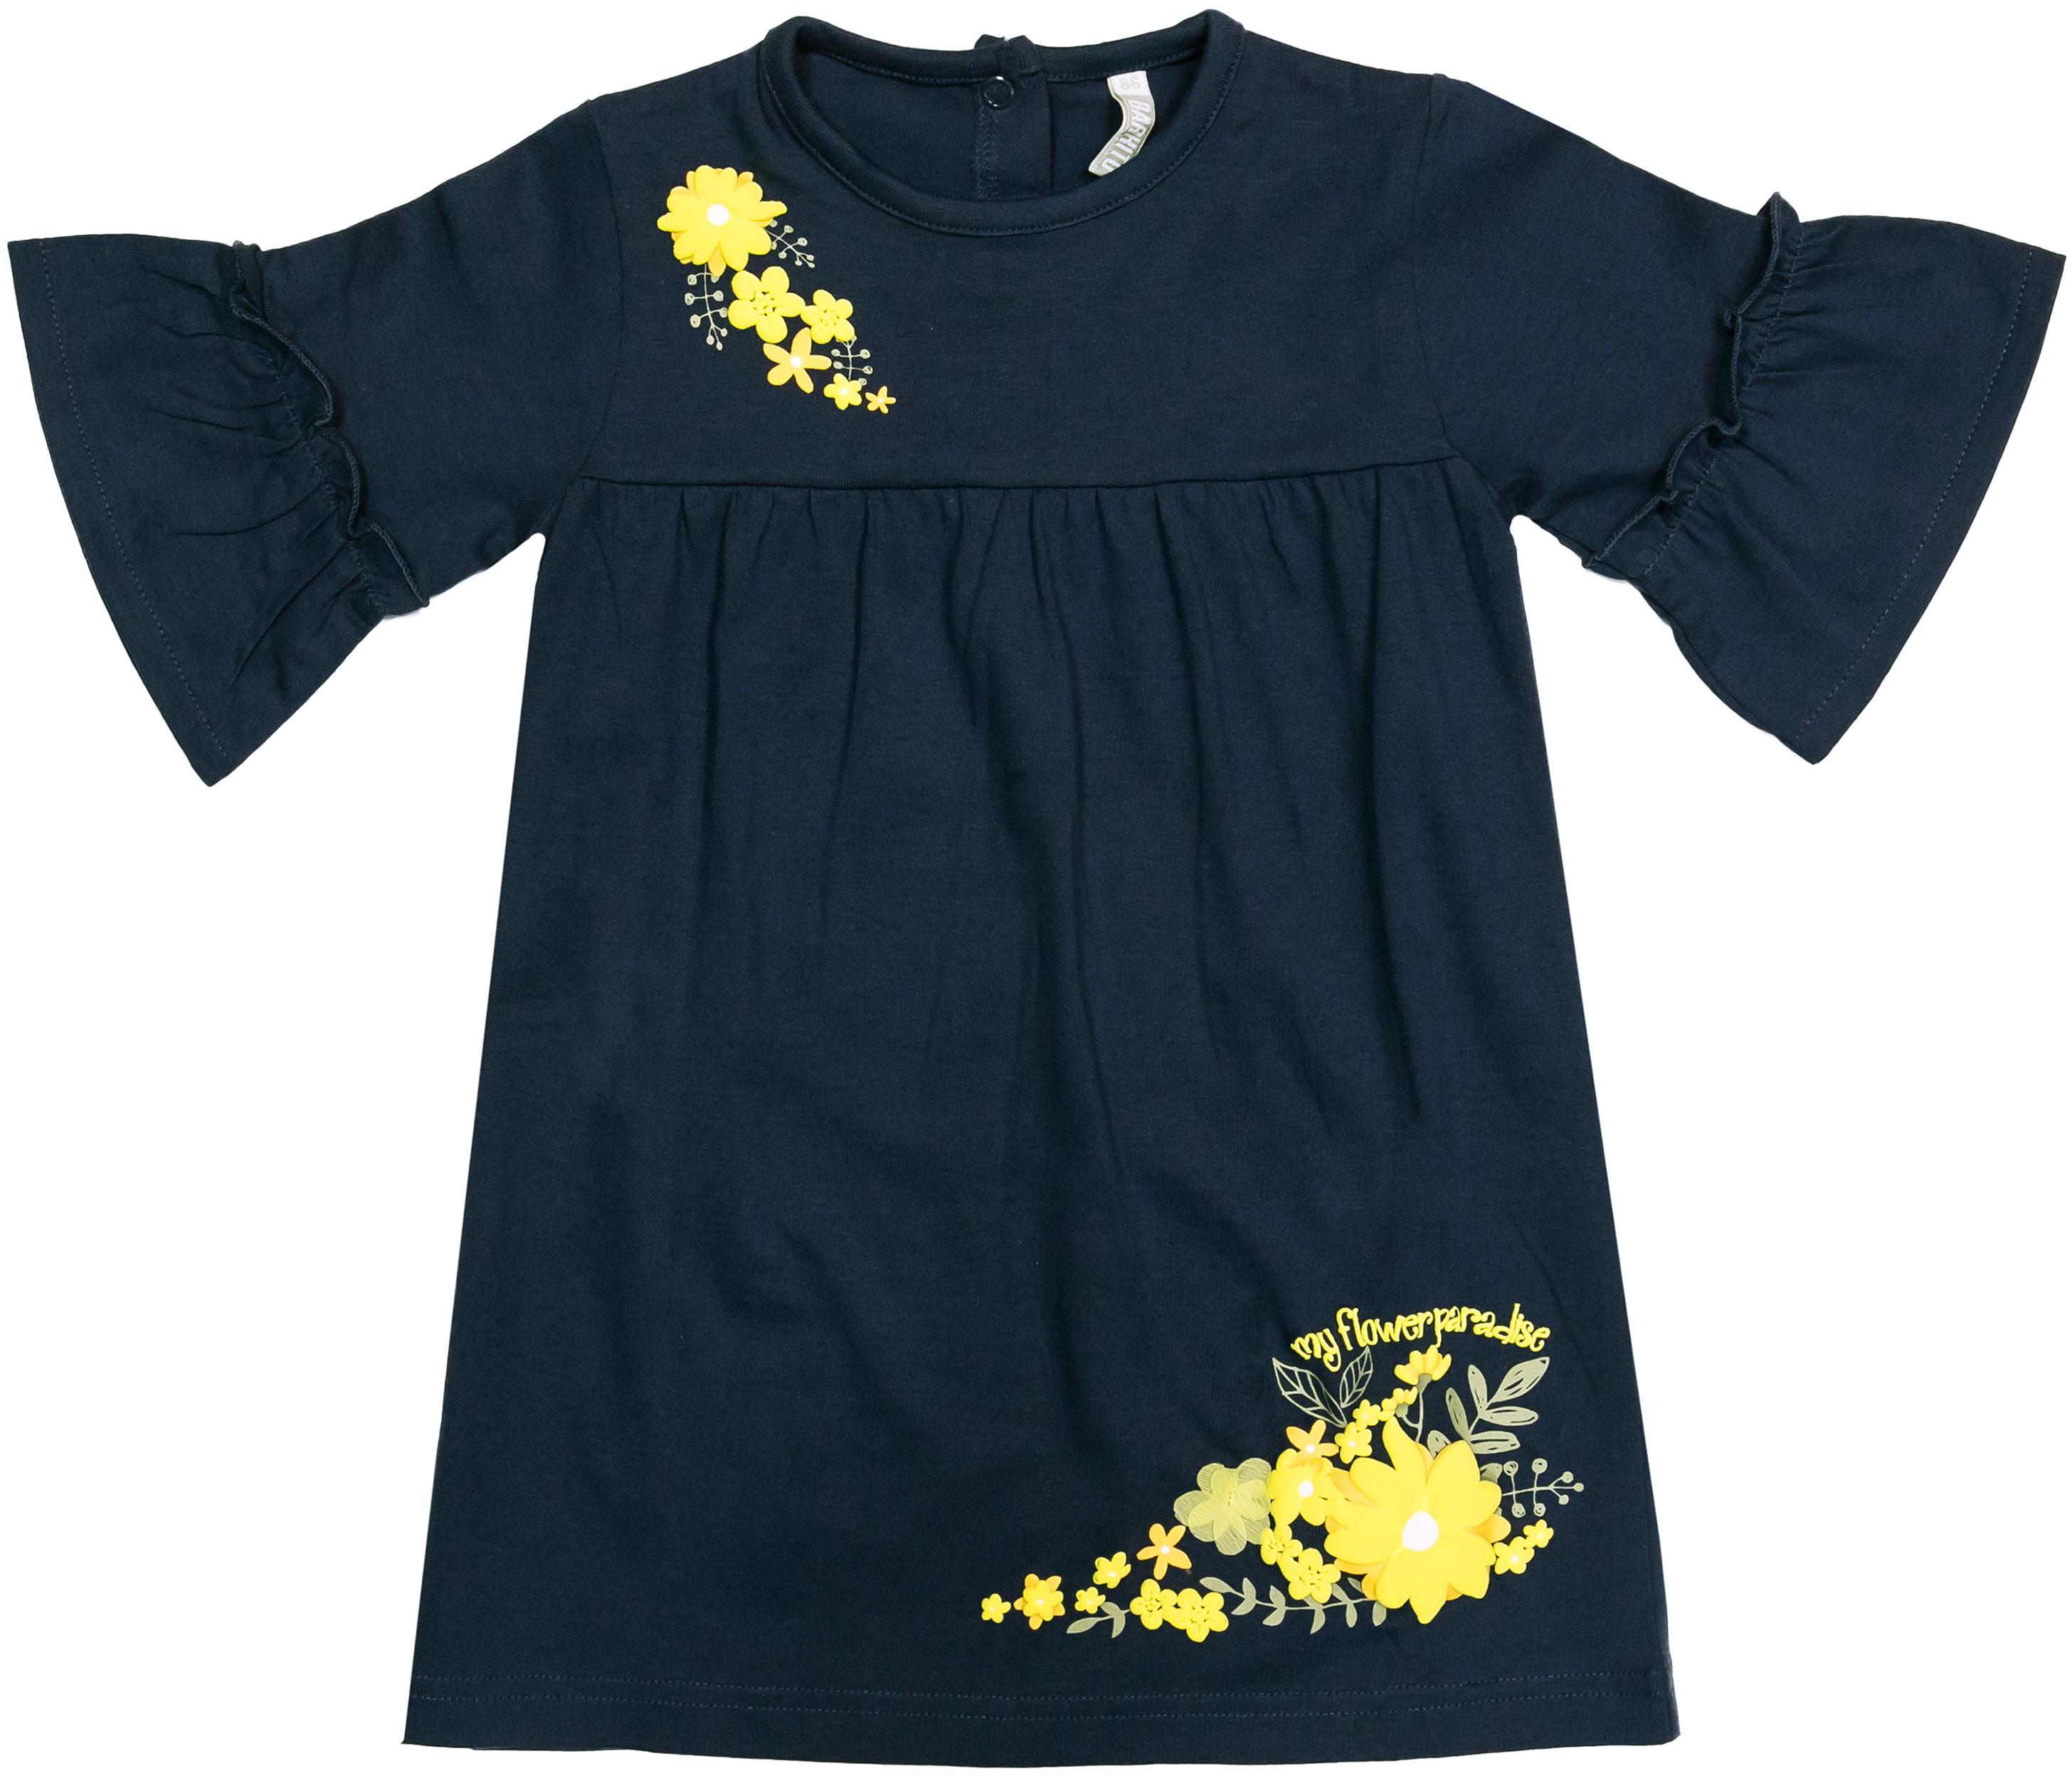 Платья Barkito Платье детское Barkito Желтые цветы, темно-синее 2018 мода детское платье летнее платье baby girl платье милые девушки платье партии платье платье